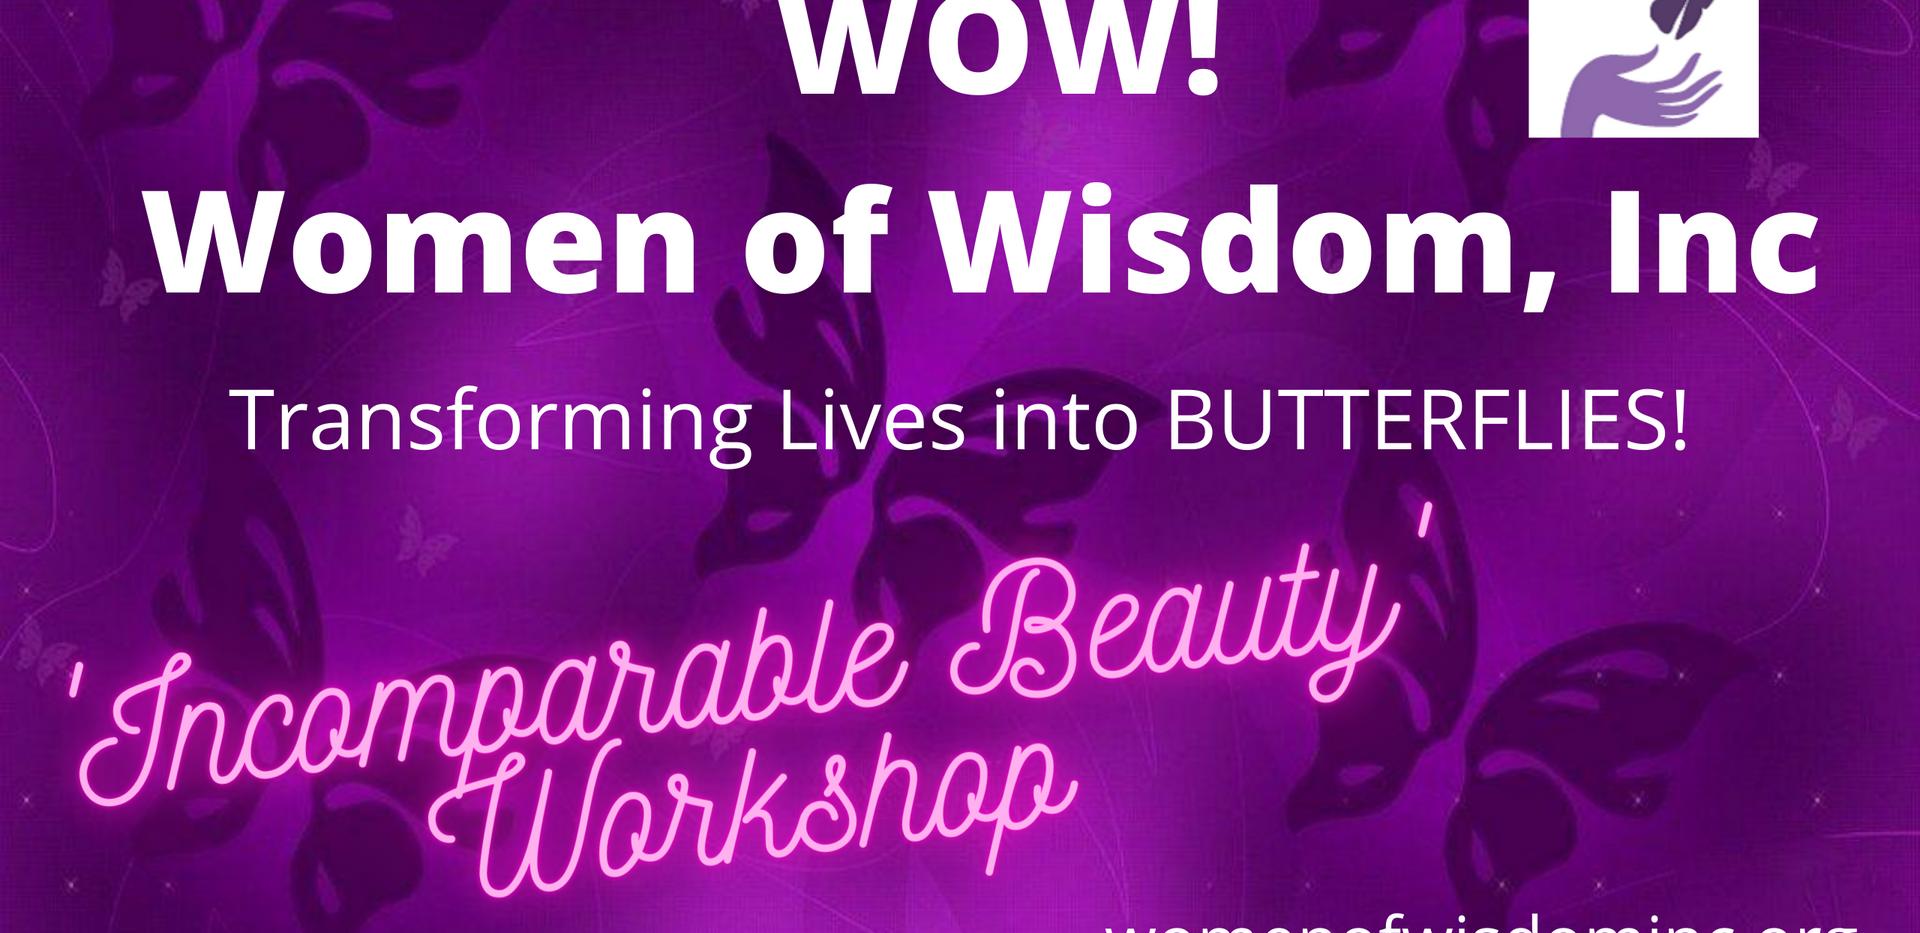 WOW! Women of Wisdom, Inc 1.png